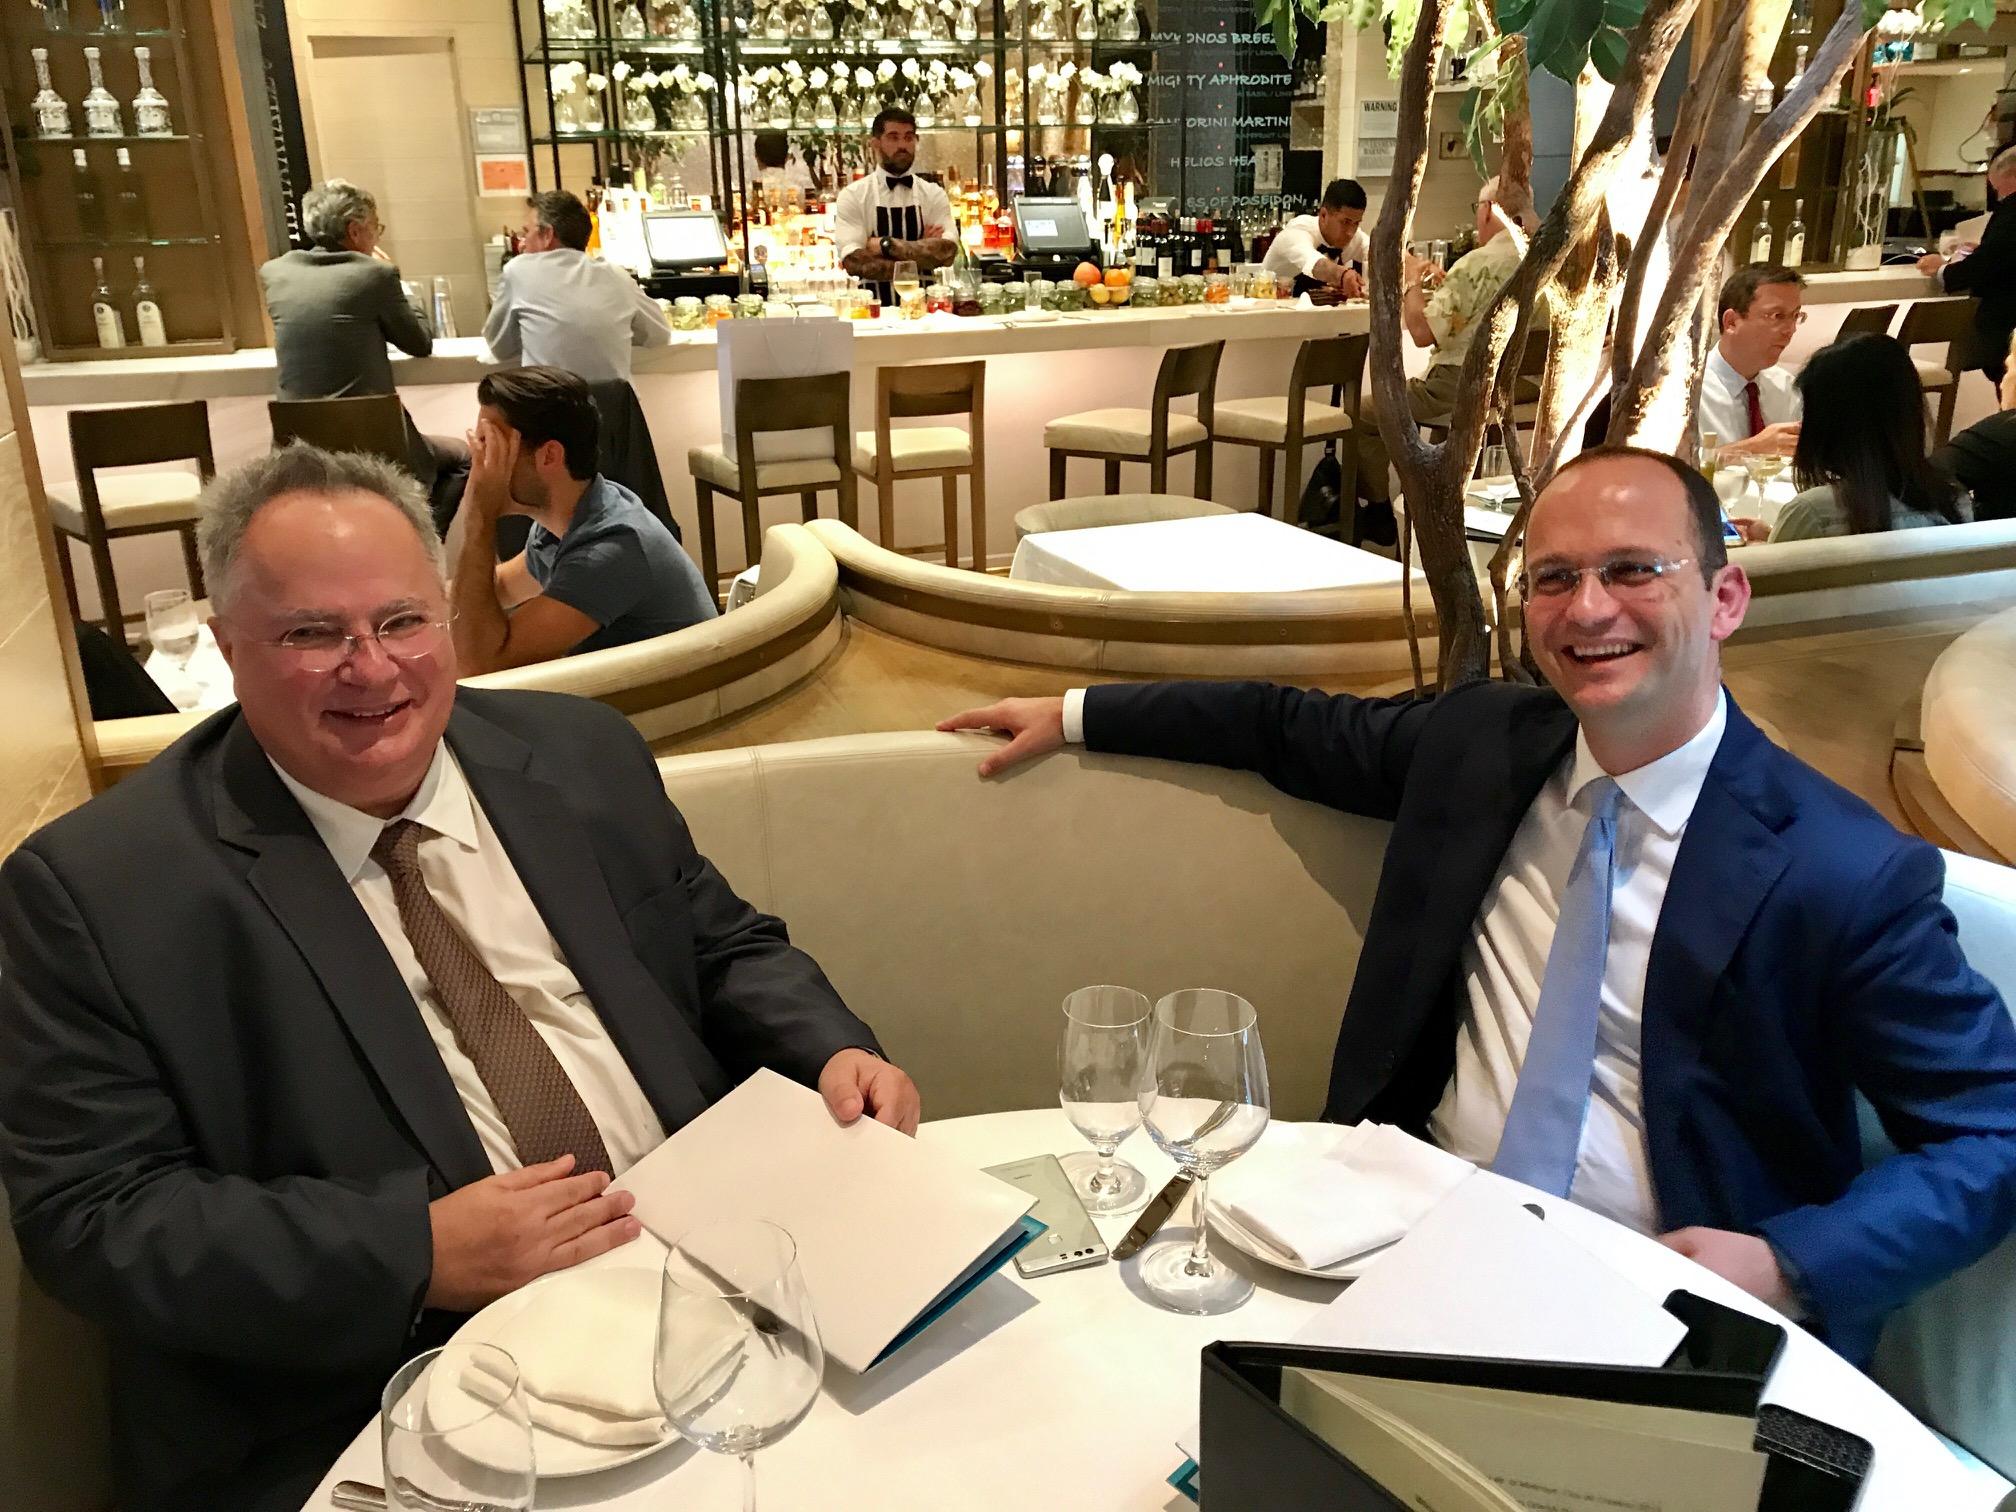 Ν. Kotzias met with homologues Bushati and Dimitrov in New York